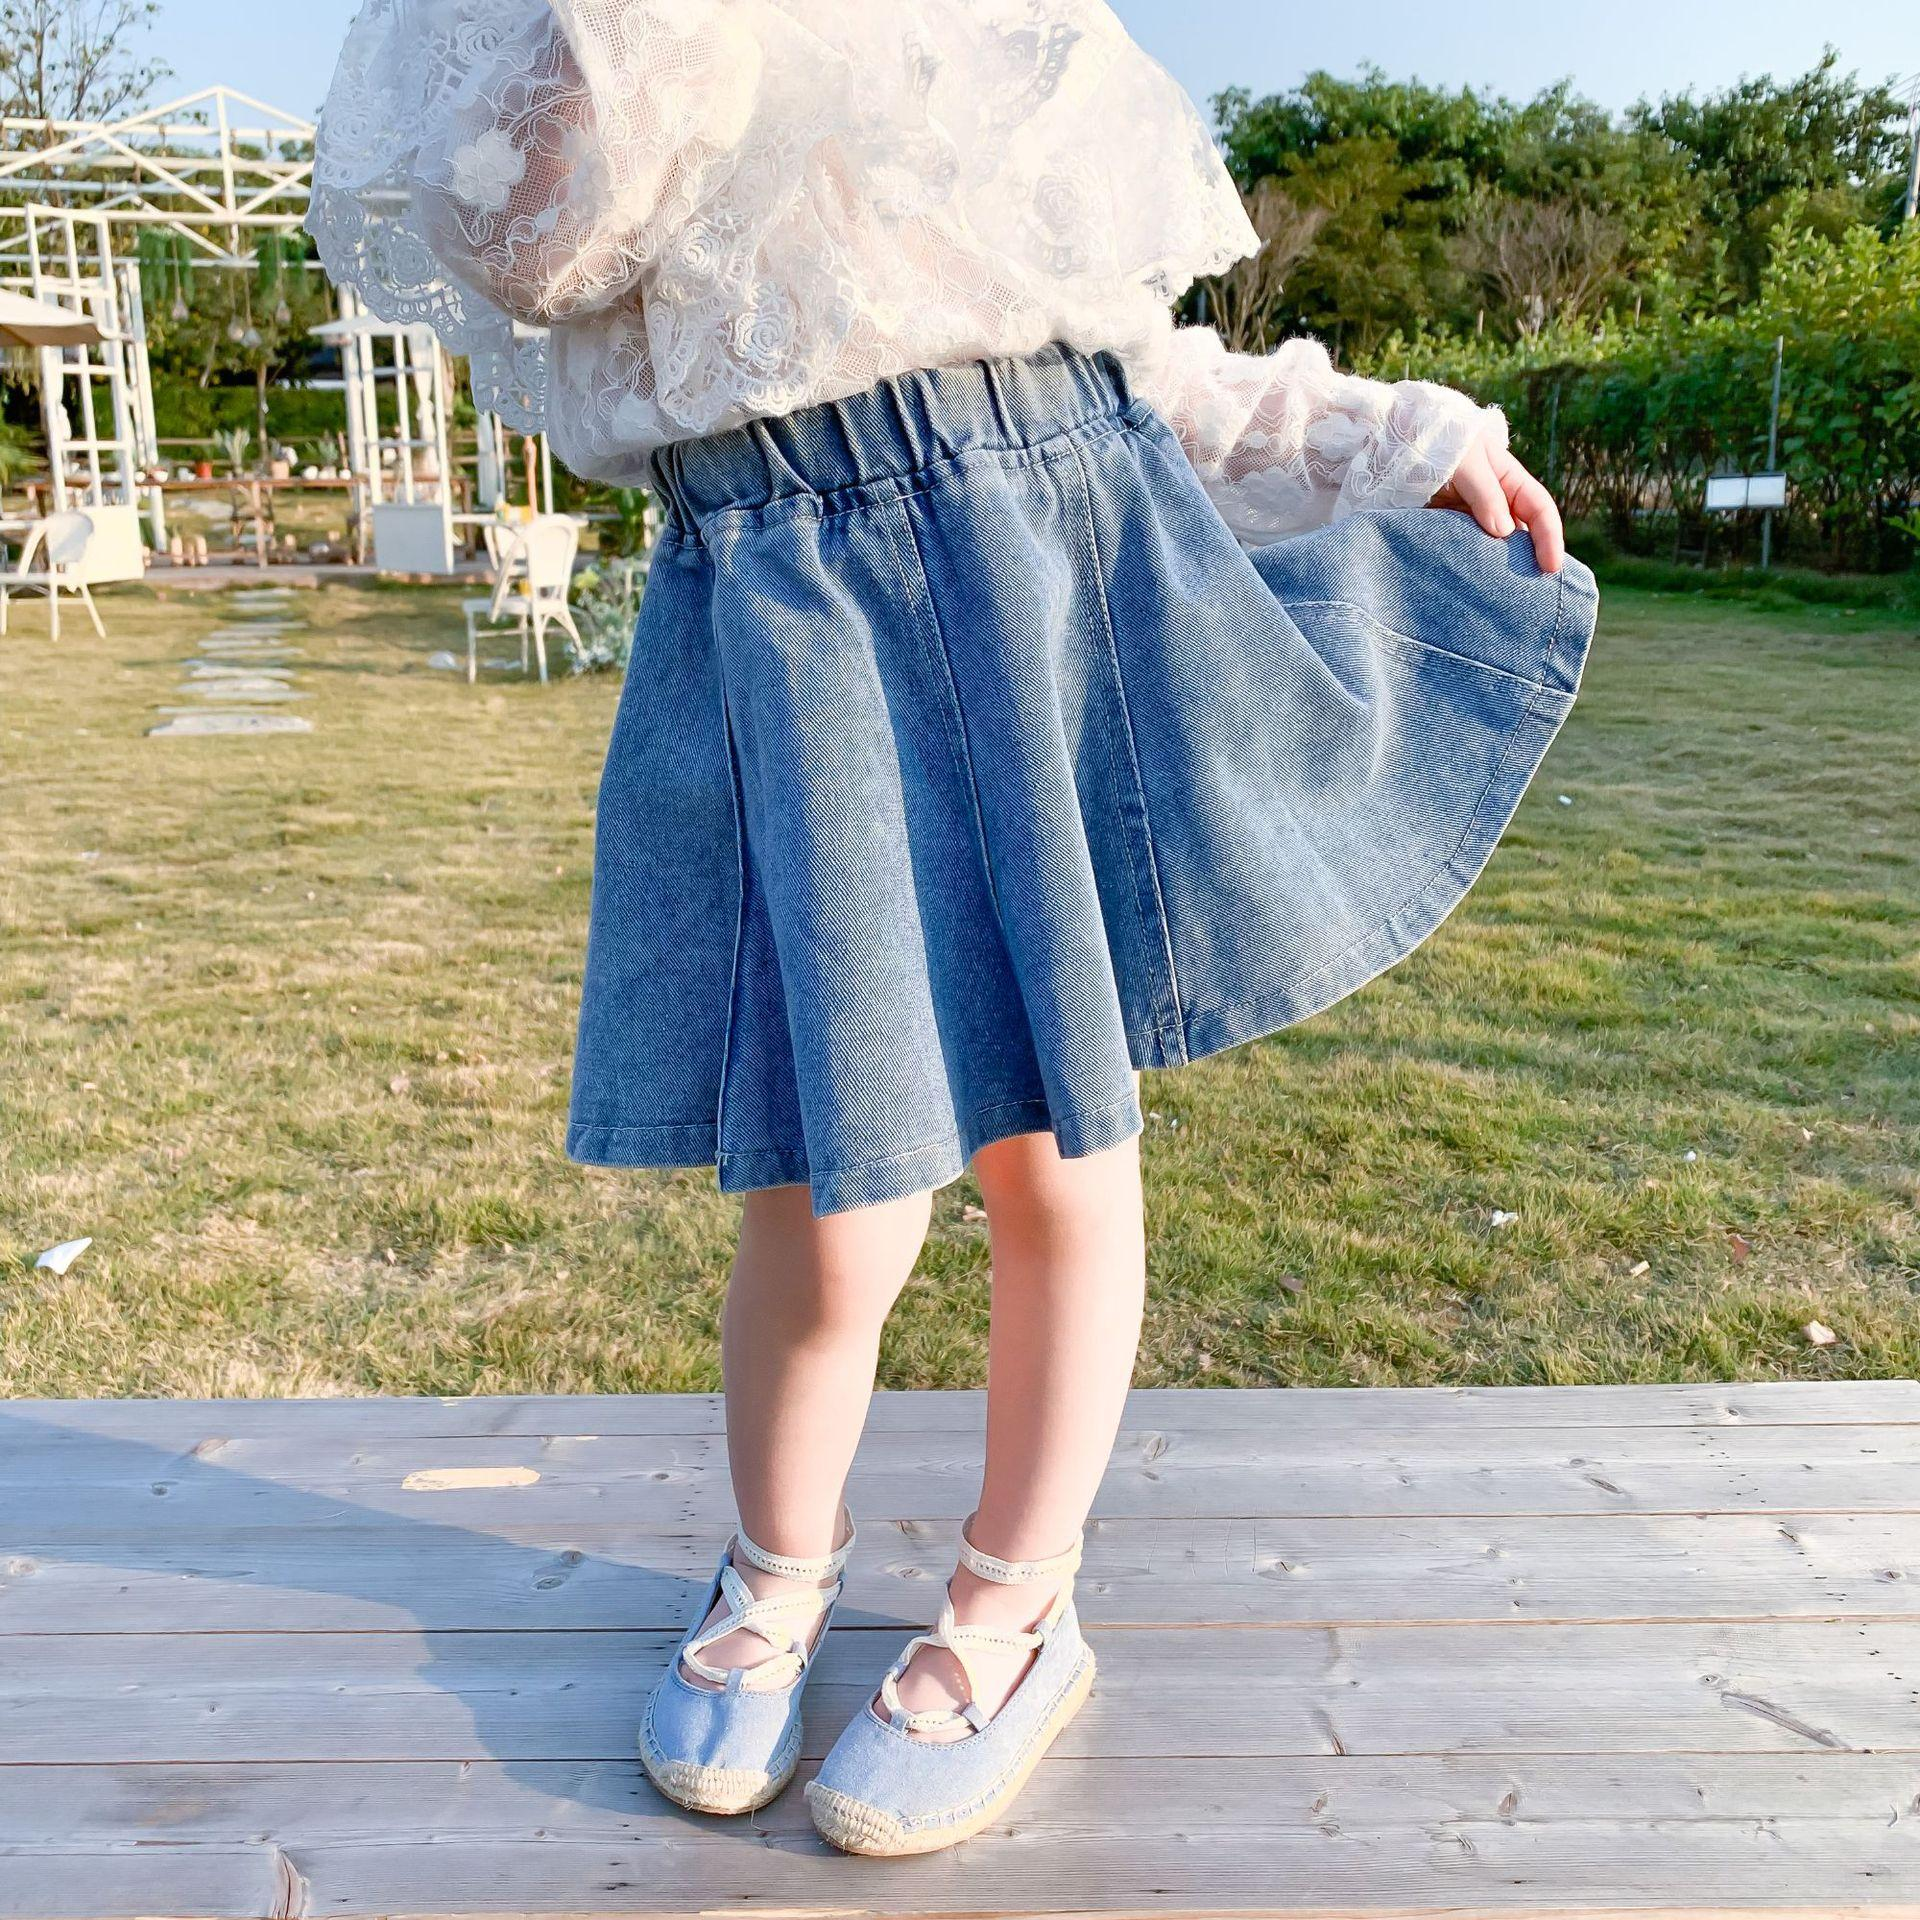 베이비 키즈 데님 블루 캐주얼 진 스커트 유아 여자 옷 A1890 2020 새로운 여자 부드러운 카우보이 주름 치마 어린이 스커트